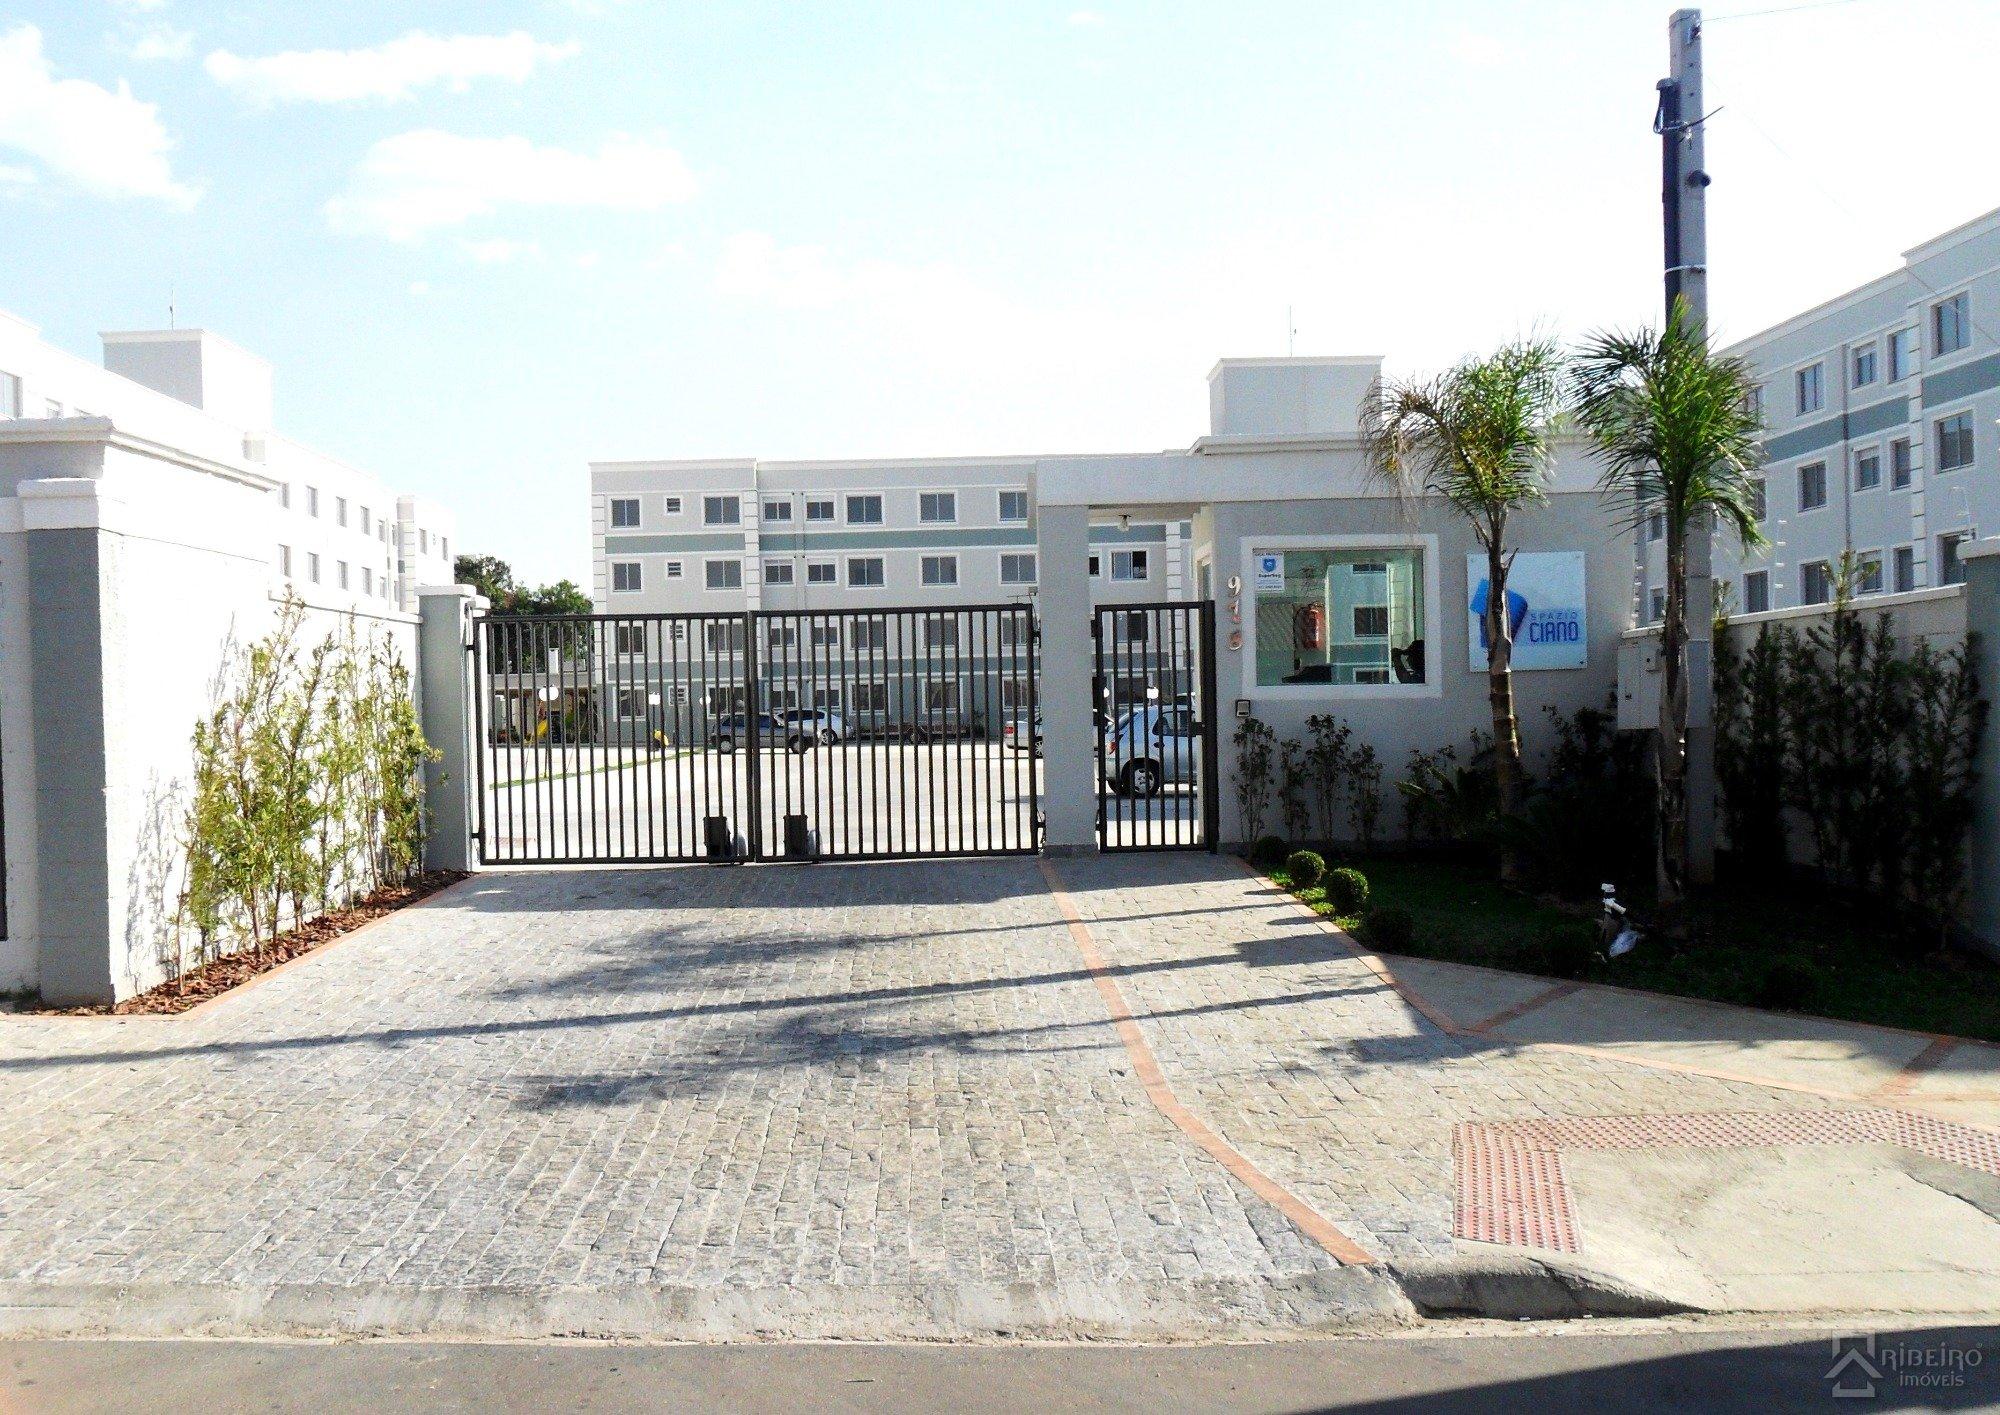 REF. 5403 -  São José Dos Pinhais - Rua  Agudos Do Sul, 890 - Apto 308 - Bl 01